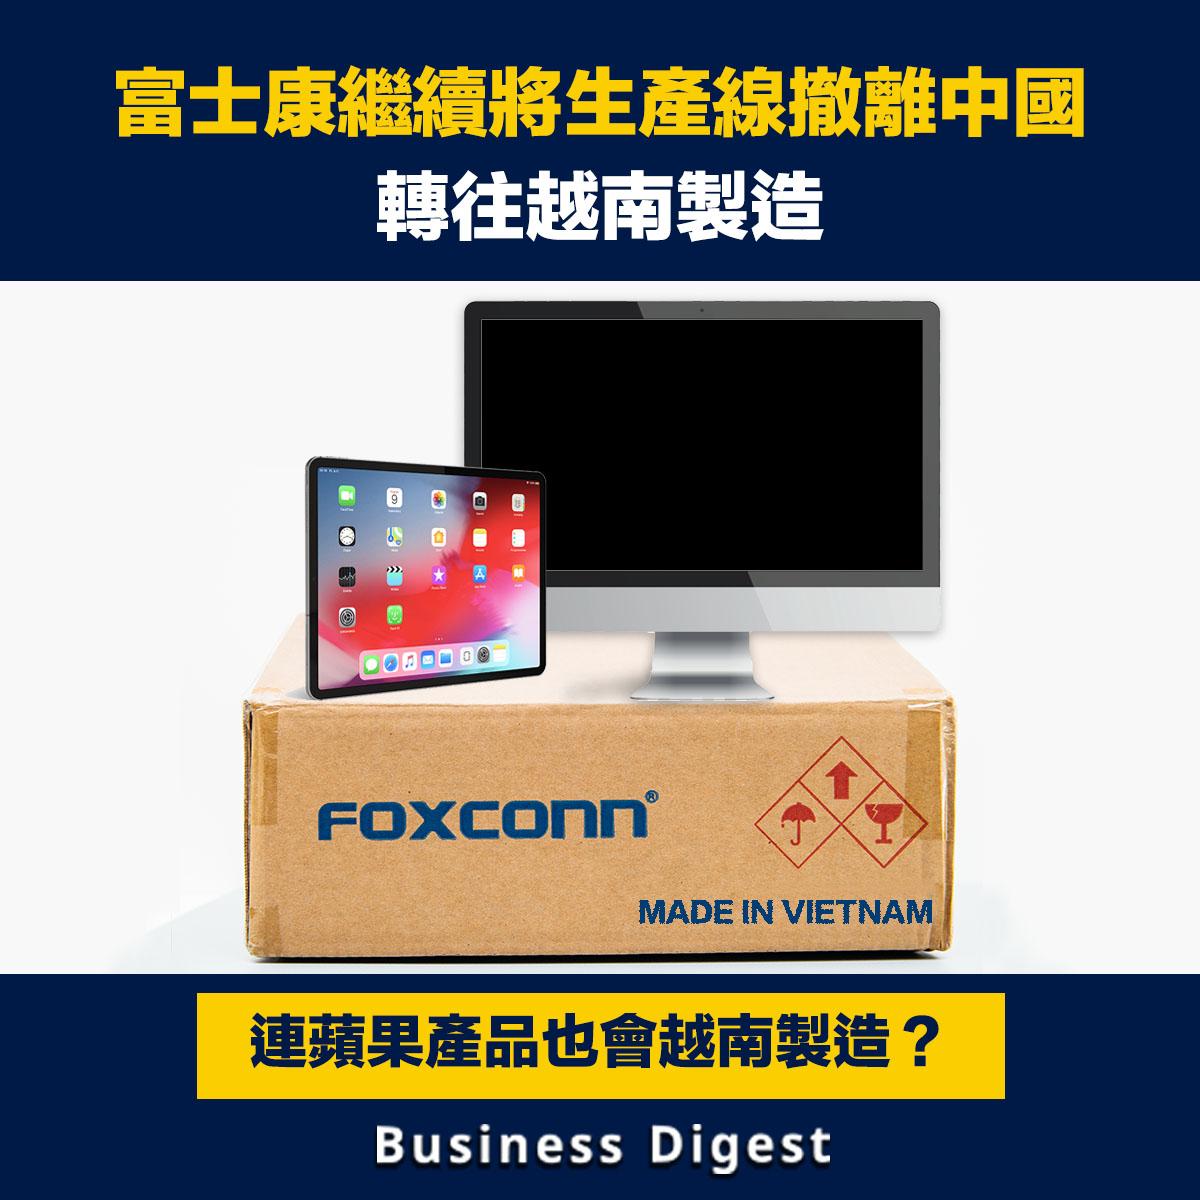 富士康計劃將部分蘋果Mac電腦及iPad生產線移出中國